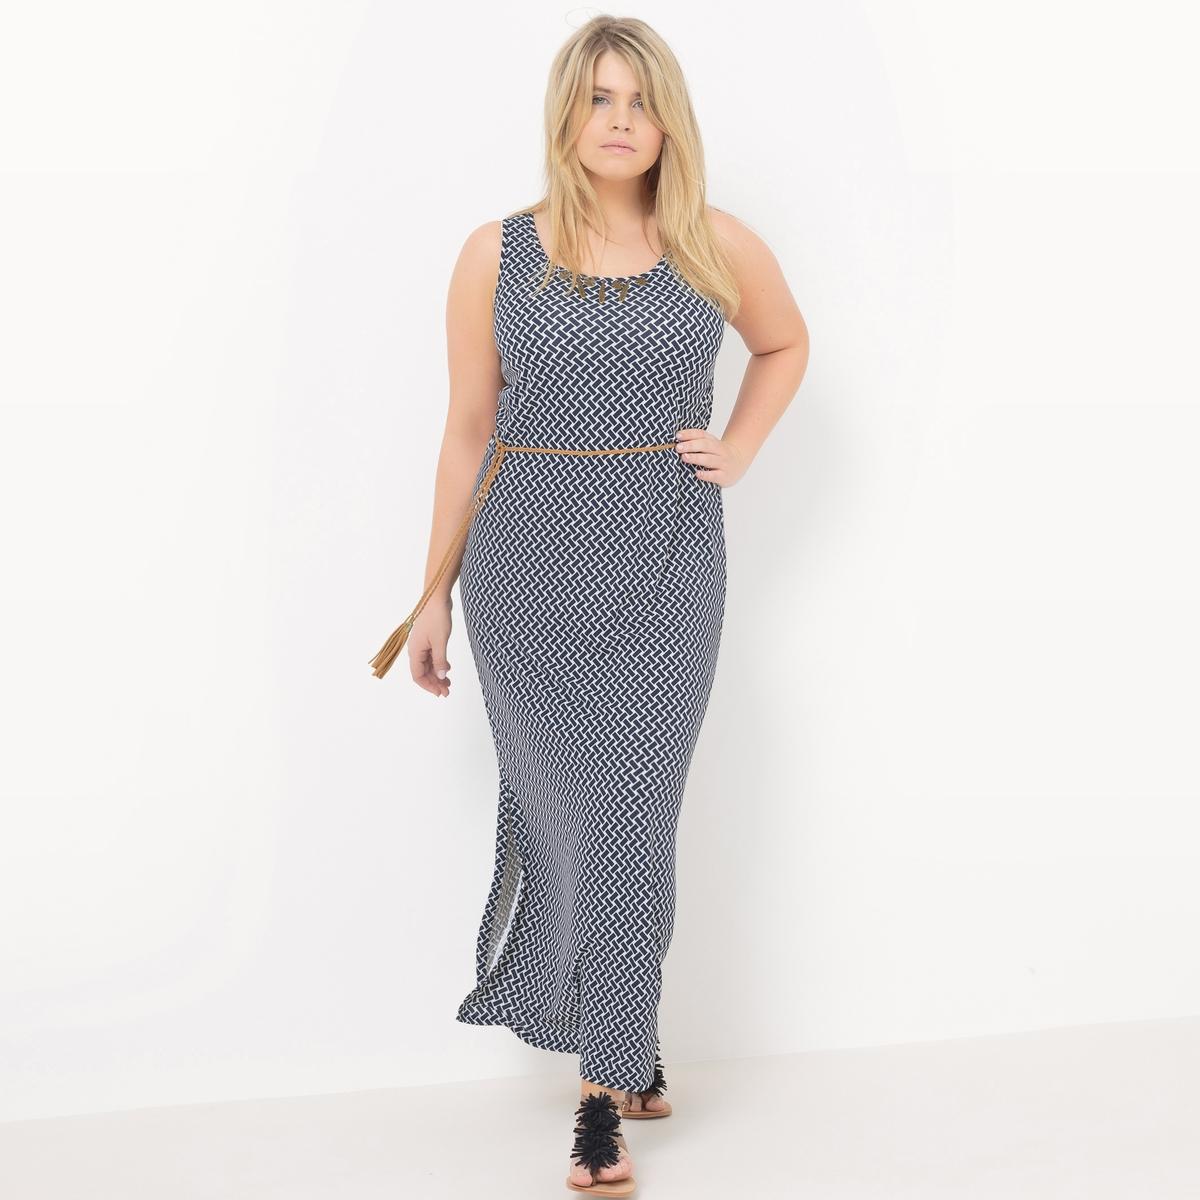 Платье длинноеДлинное платье без рукавов Mellem. Застежка по бокам внизу платья, завязки сзади, съемный пояс-веревка. Закругленный вырез с украшениями в этническом стиле. Летнее платье из крепа с плетеным орнаментом. 95% полиэстера, 5% эластана<br><br>Цвет: индиго